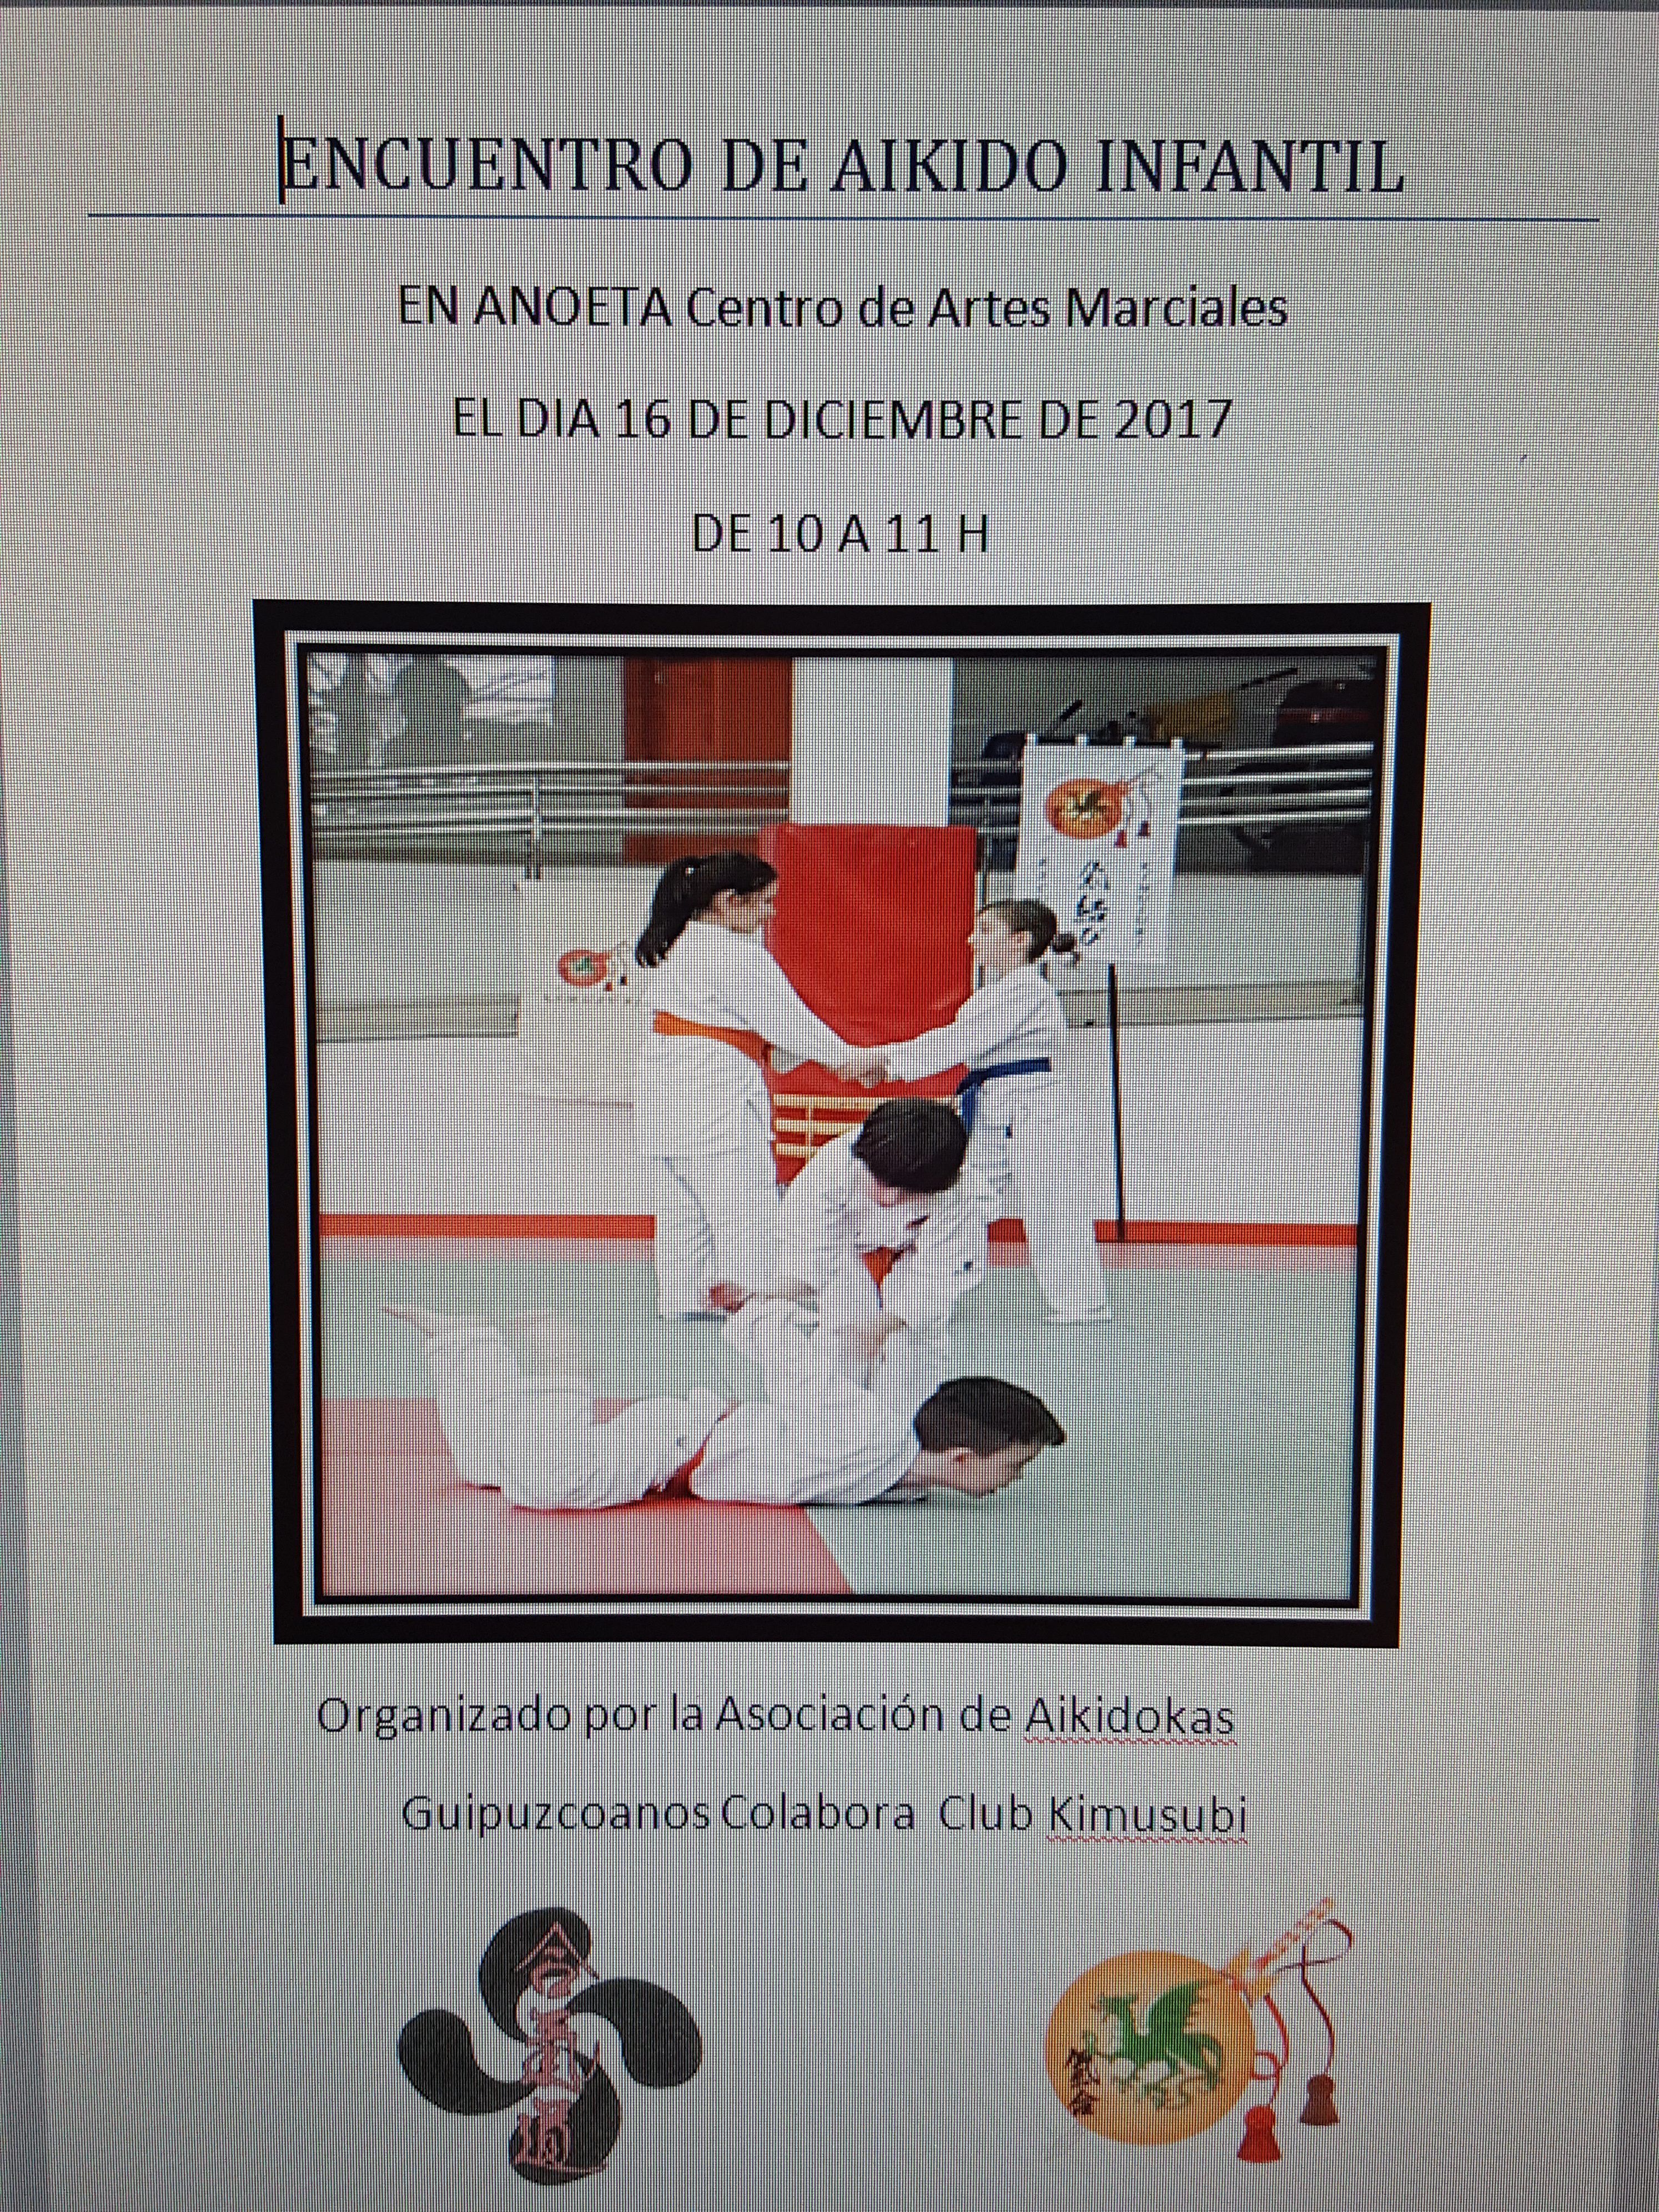 El dia 16 de Diciembre va a tener lugar el encuentro de Aikido Infantil que como años anteriores se a hecho gracias a la Organizacion de la Asociacion de Aikidokas Guipuzcoanos y al Club KImusubi .Donde participan todos los alumnos asociados a este Arte Marcial